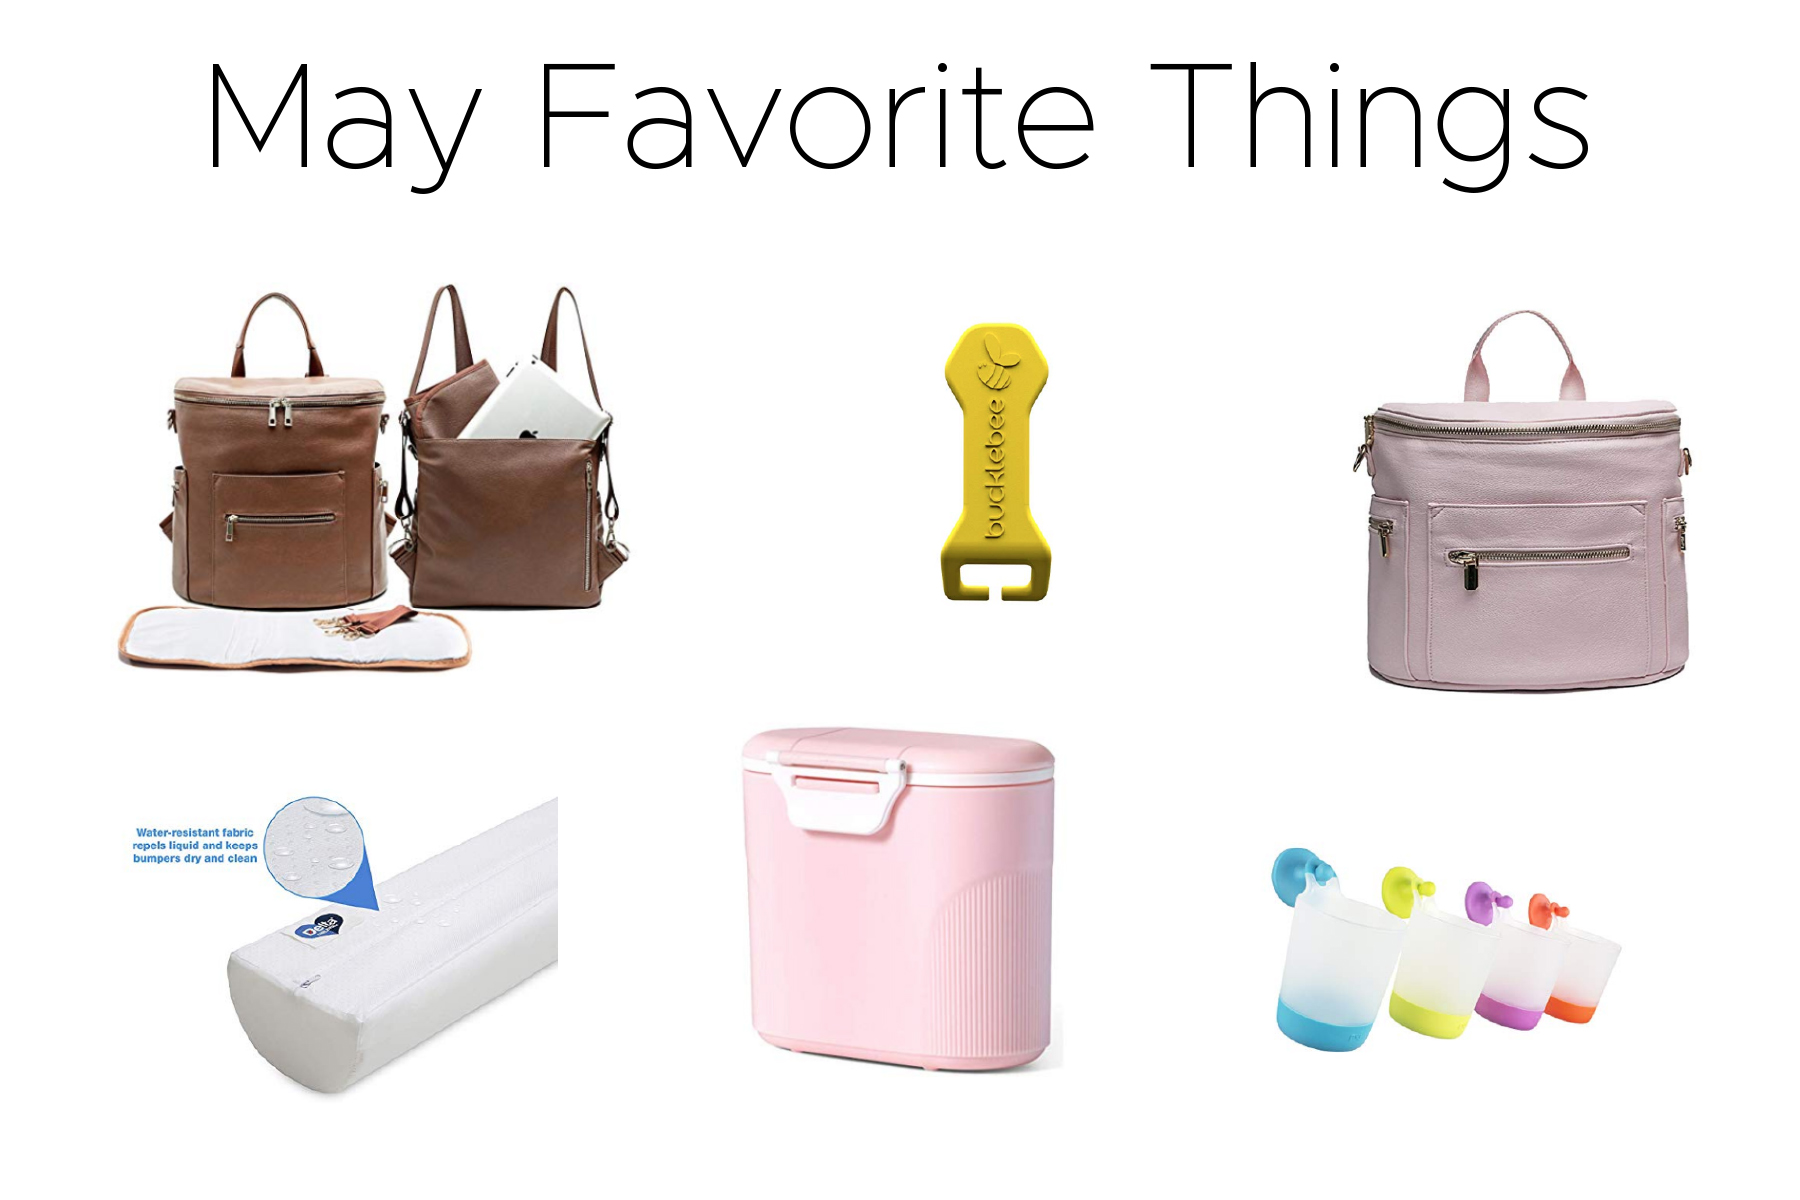 may-favorite-things.jpg